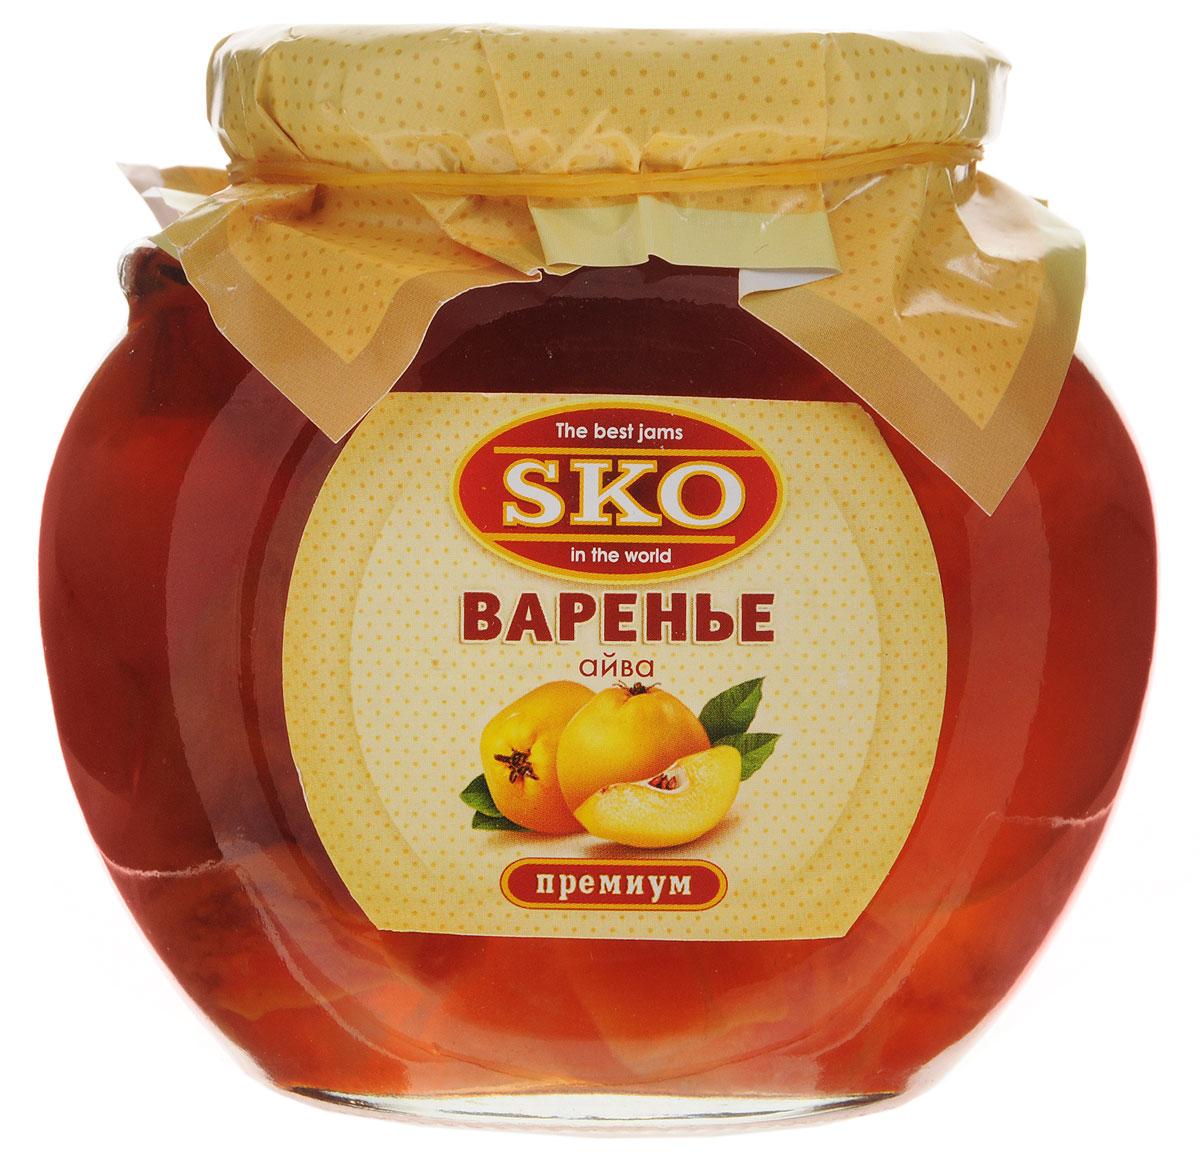 SKO варенье из айвы, 400 г11002Варенье из айвы SKO - армянское варенье, приготовленное по домашним рецептам и современным технологиям, не содержит пектина. Может использоваться для приготовления пирогов, тортов и других разнообразных десертов, а также в качестве самостоятельного лакомства. Варенье из айвы обладает общеукрепляющими, кровоостанавливающими, антисептическими, мочегонными и вяжущими свойствами и применяется при малокровии, сердечно-сосудистых заболеваниях, заболеваниях желудочно-кишечного тракта, дыхательных путей, астме. Из вкусного варенья готовят начинку в пирожки.